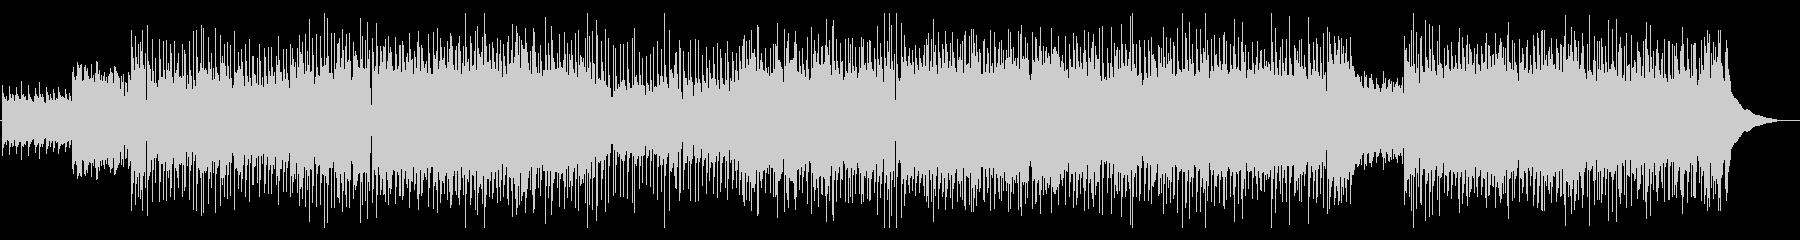 ほのぼのとしたカントリーポップBGMの未再生の波形